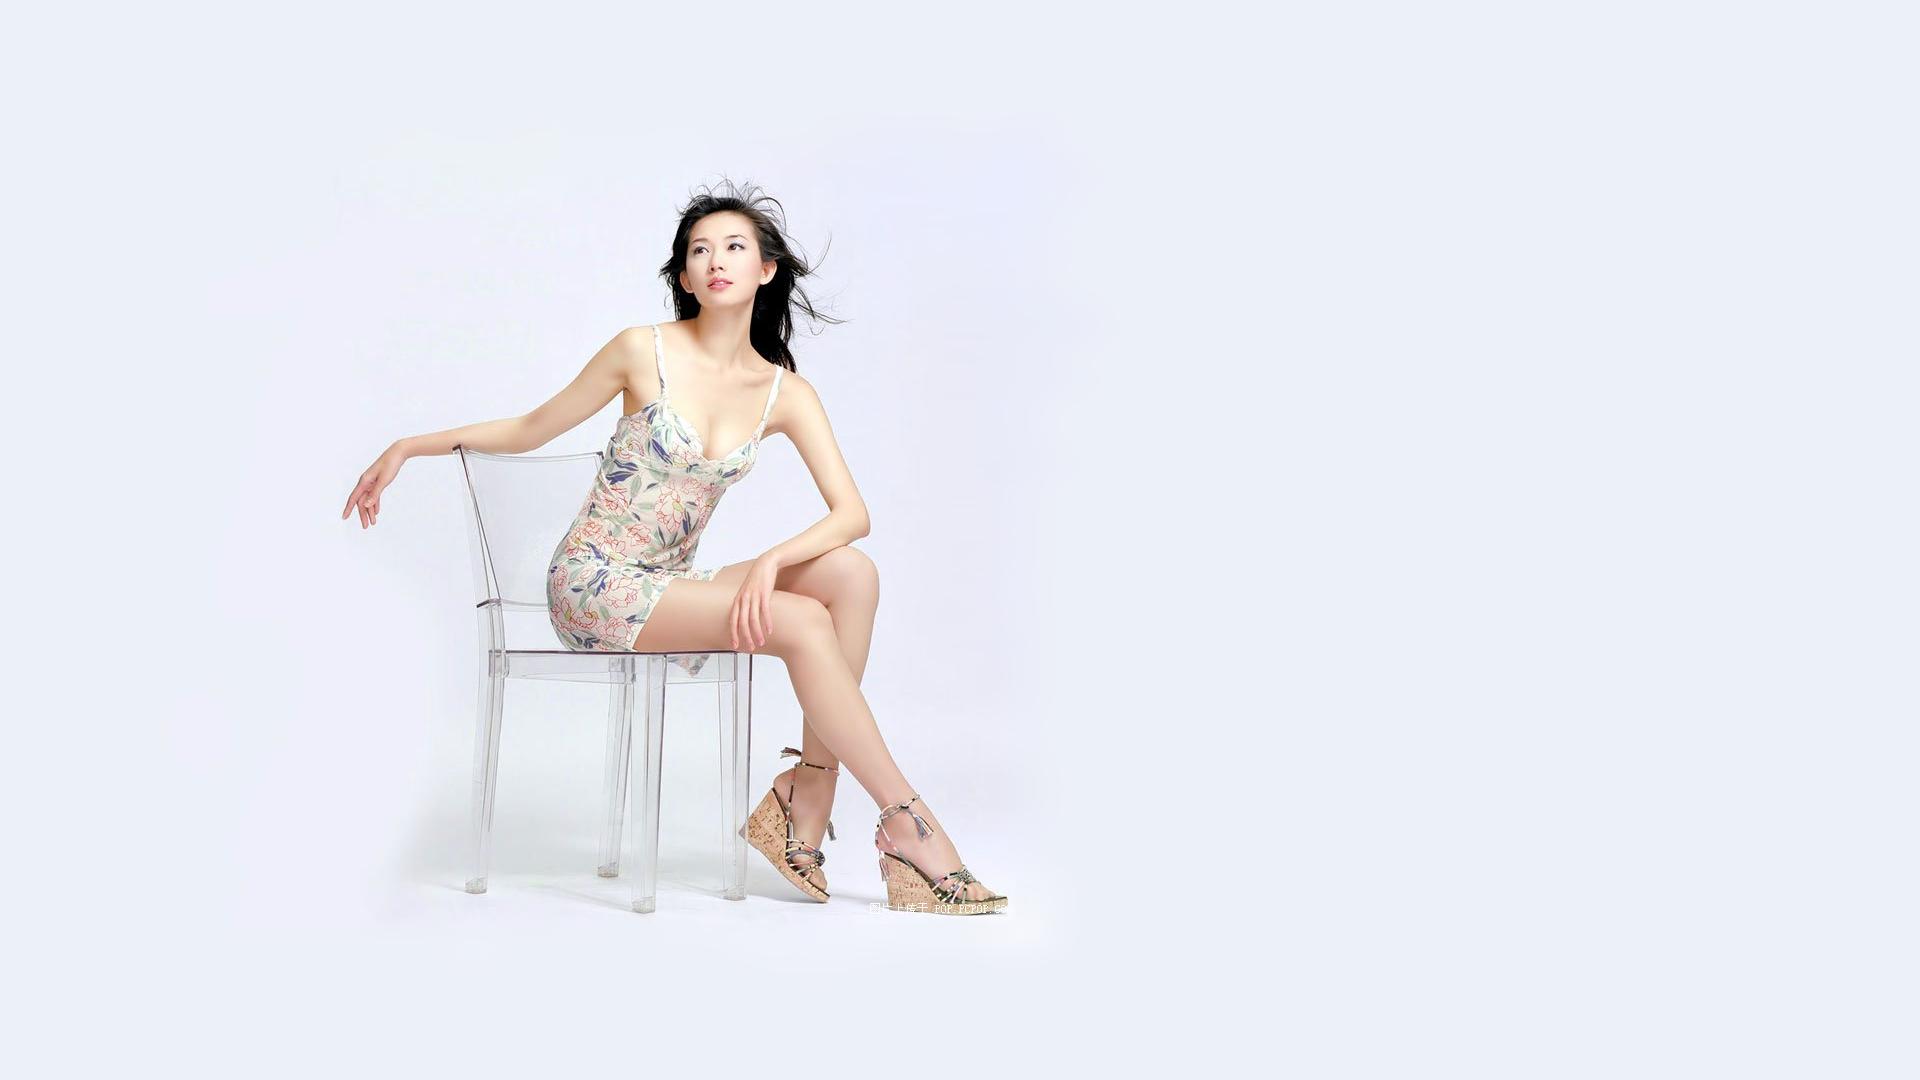 Women - Asian Wallpaper - Women HD PNG